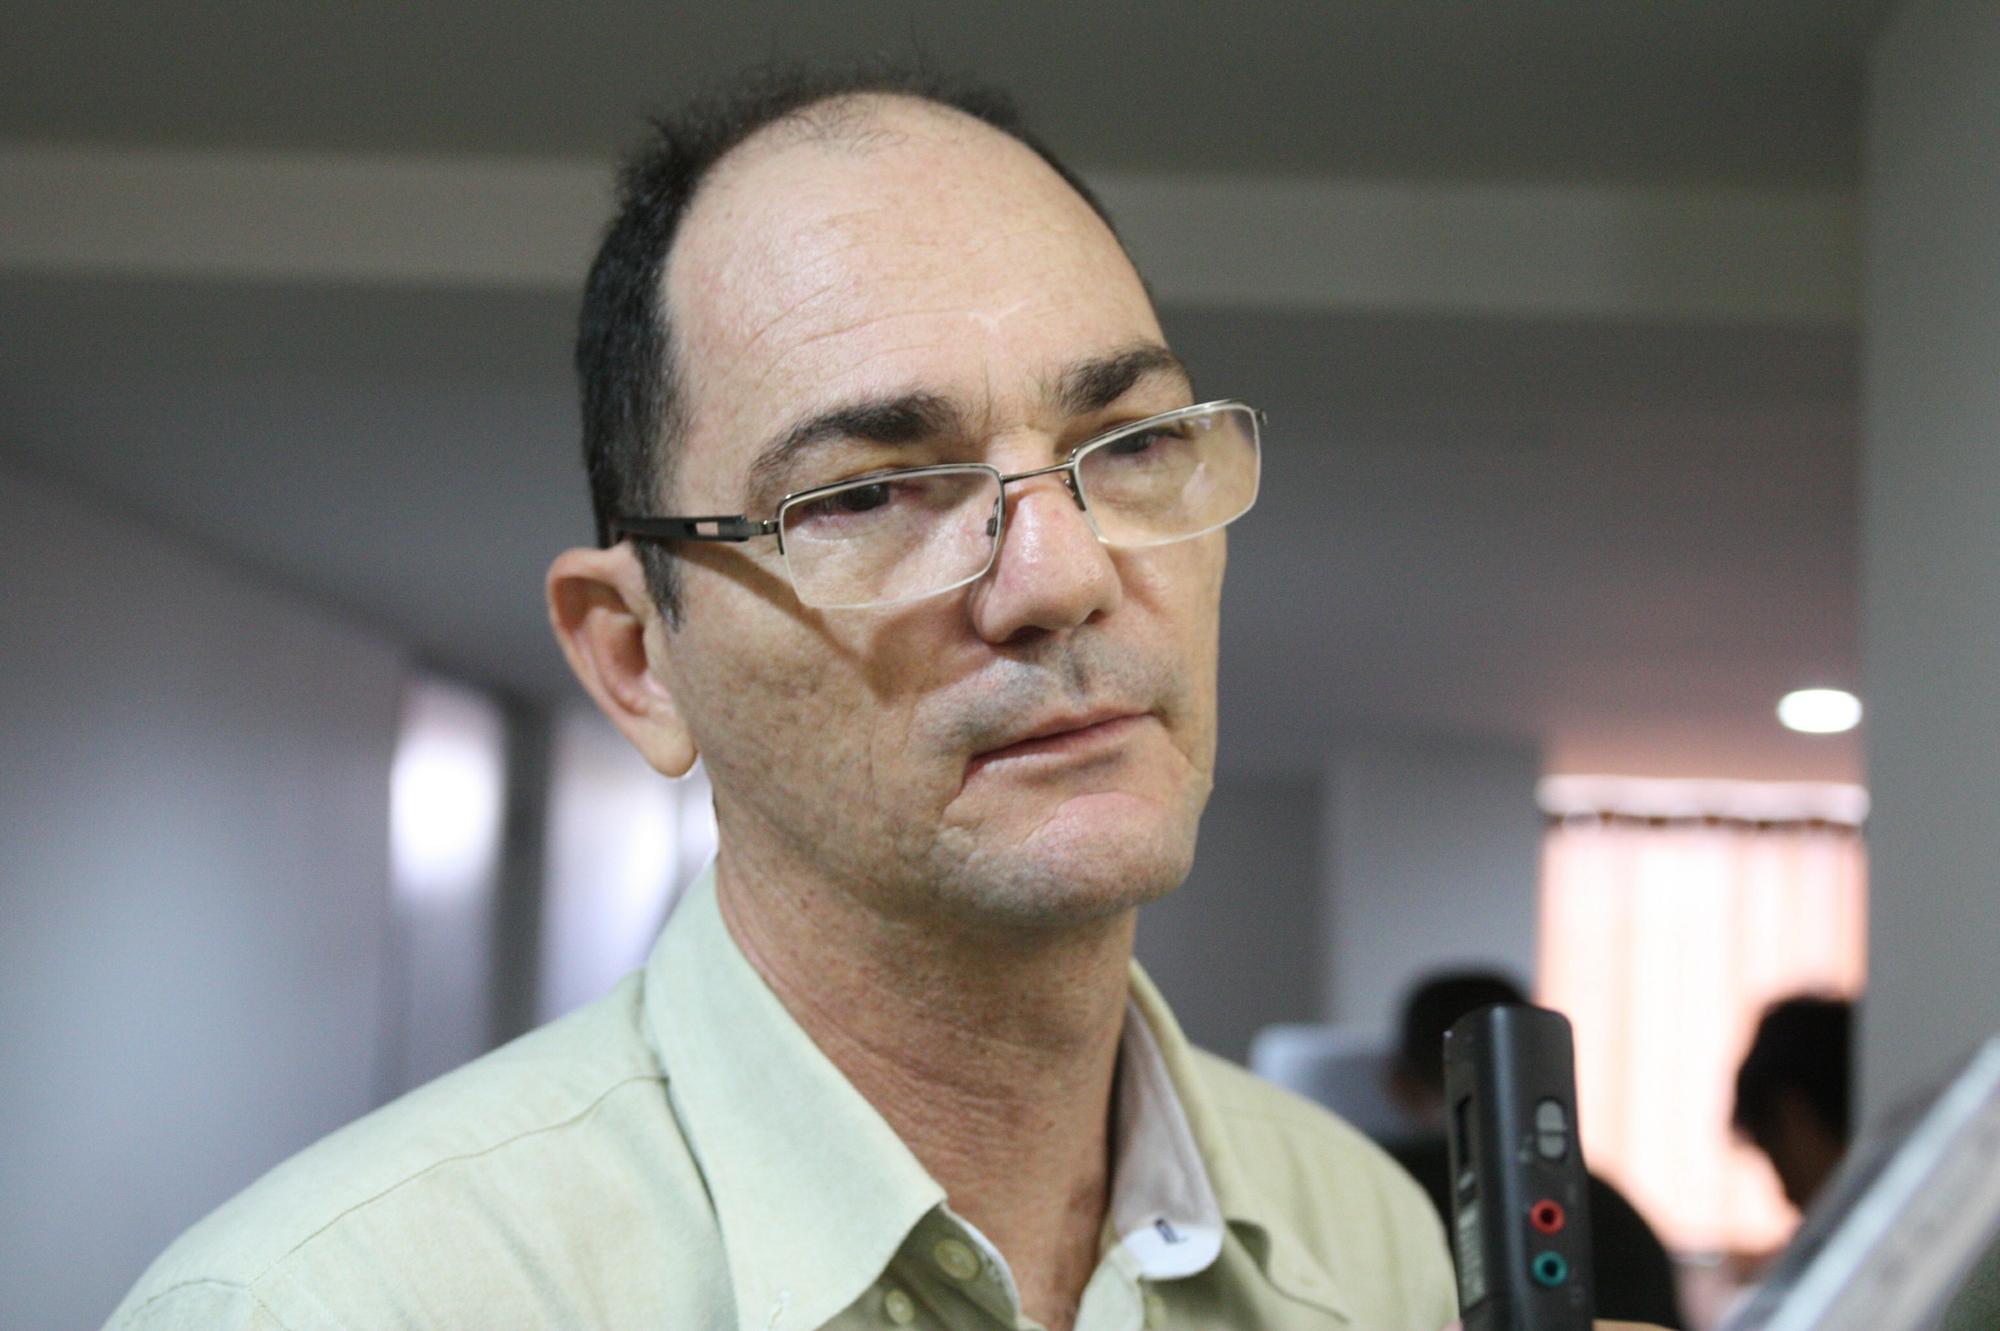 Ministra concede habeas corpus e Coriolano Coutinho será solto